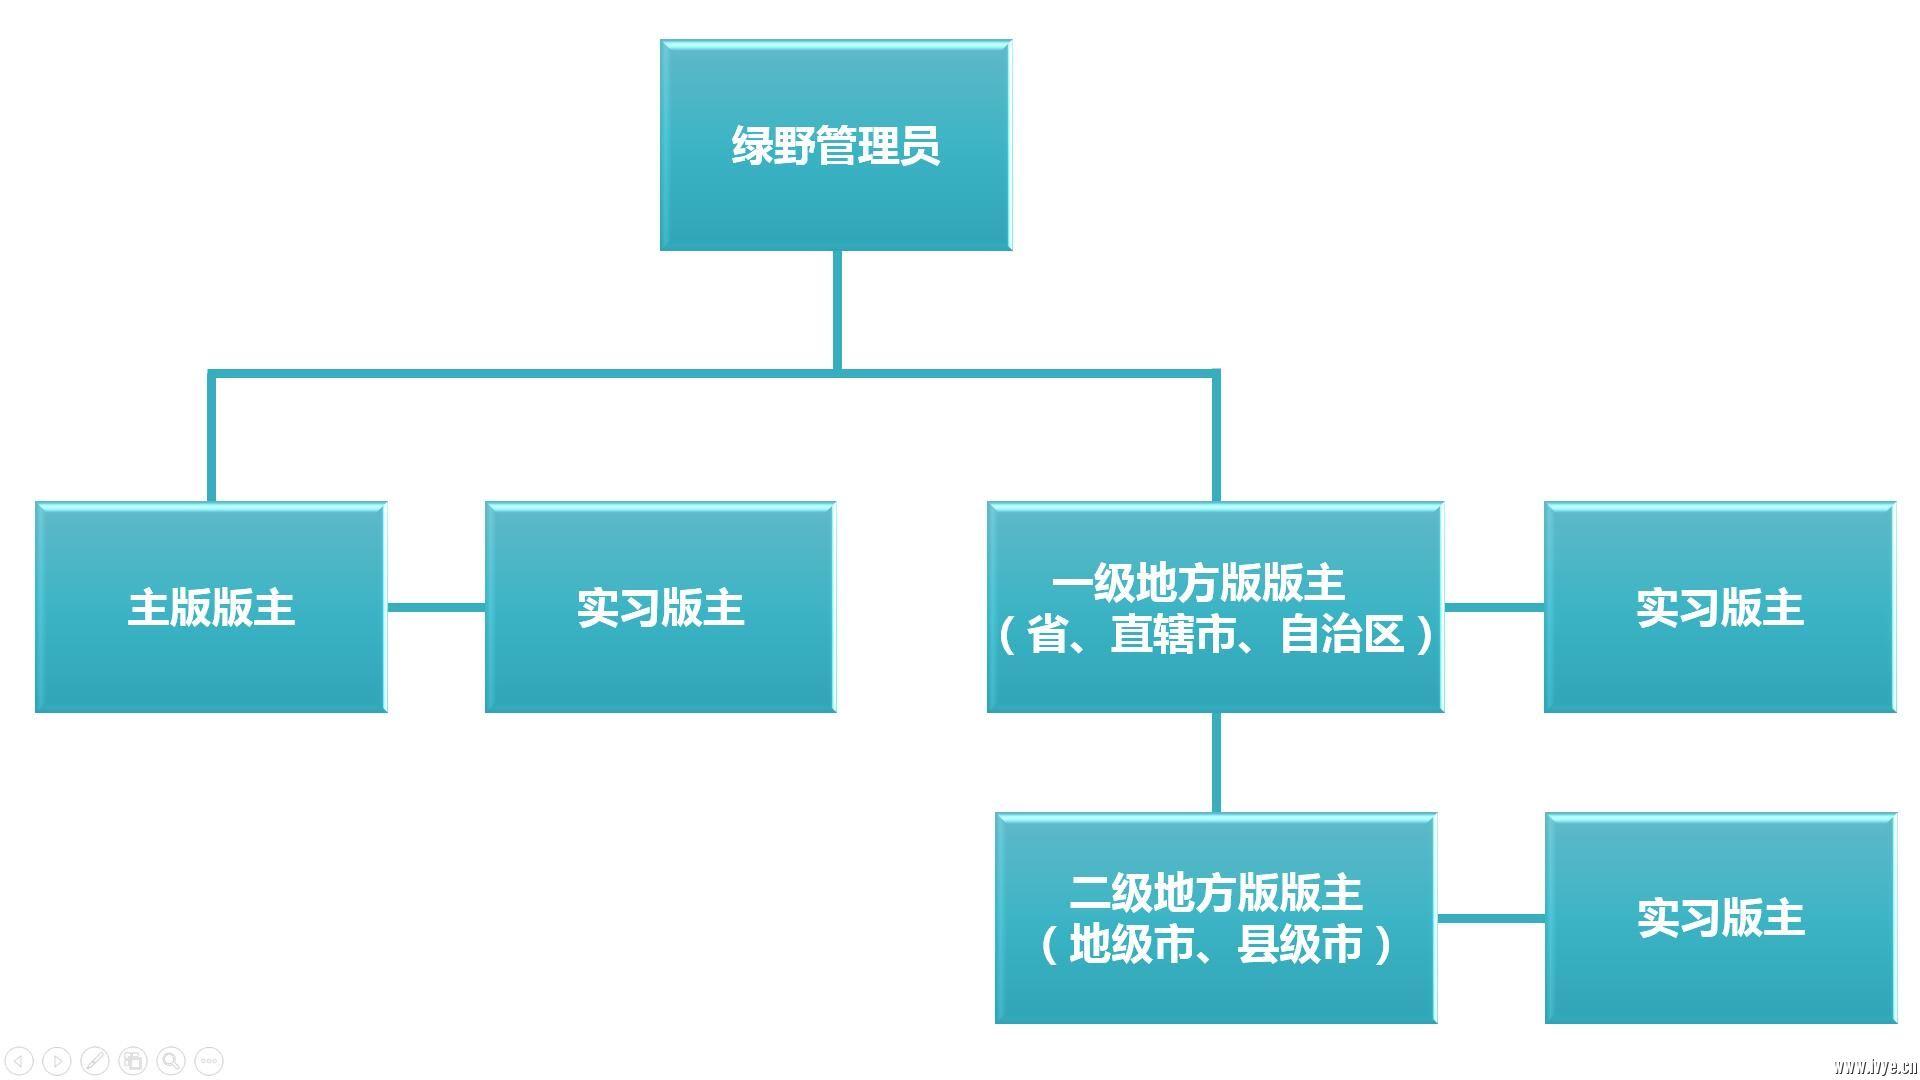 管理组织架构.jpg